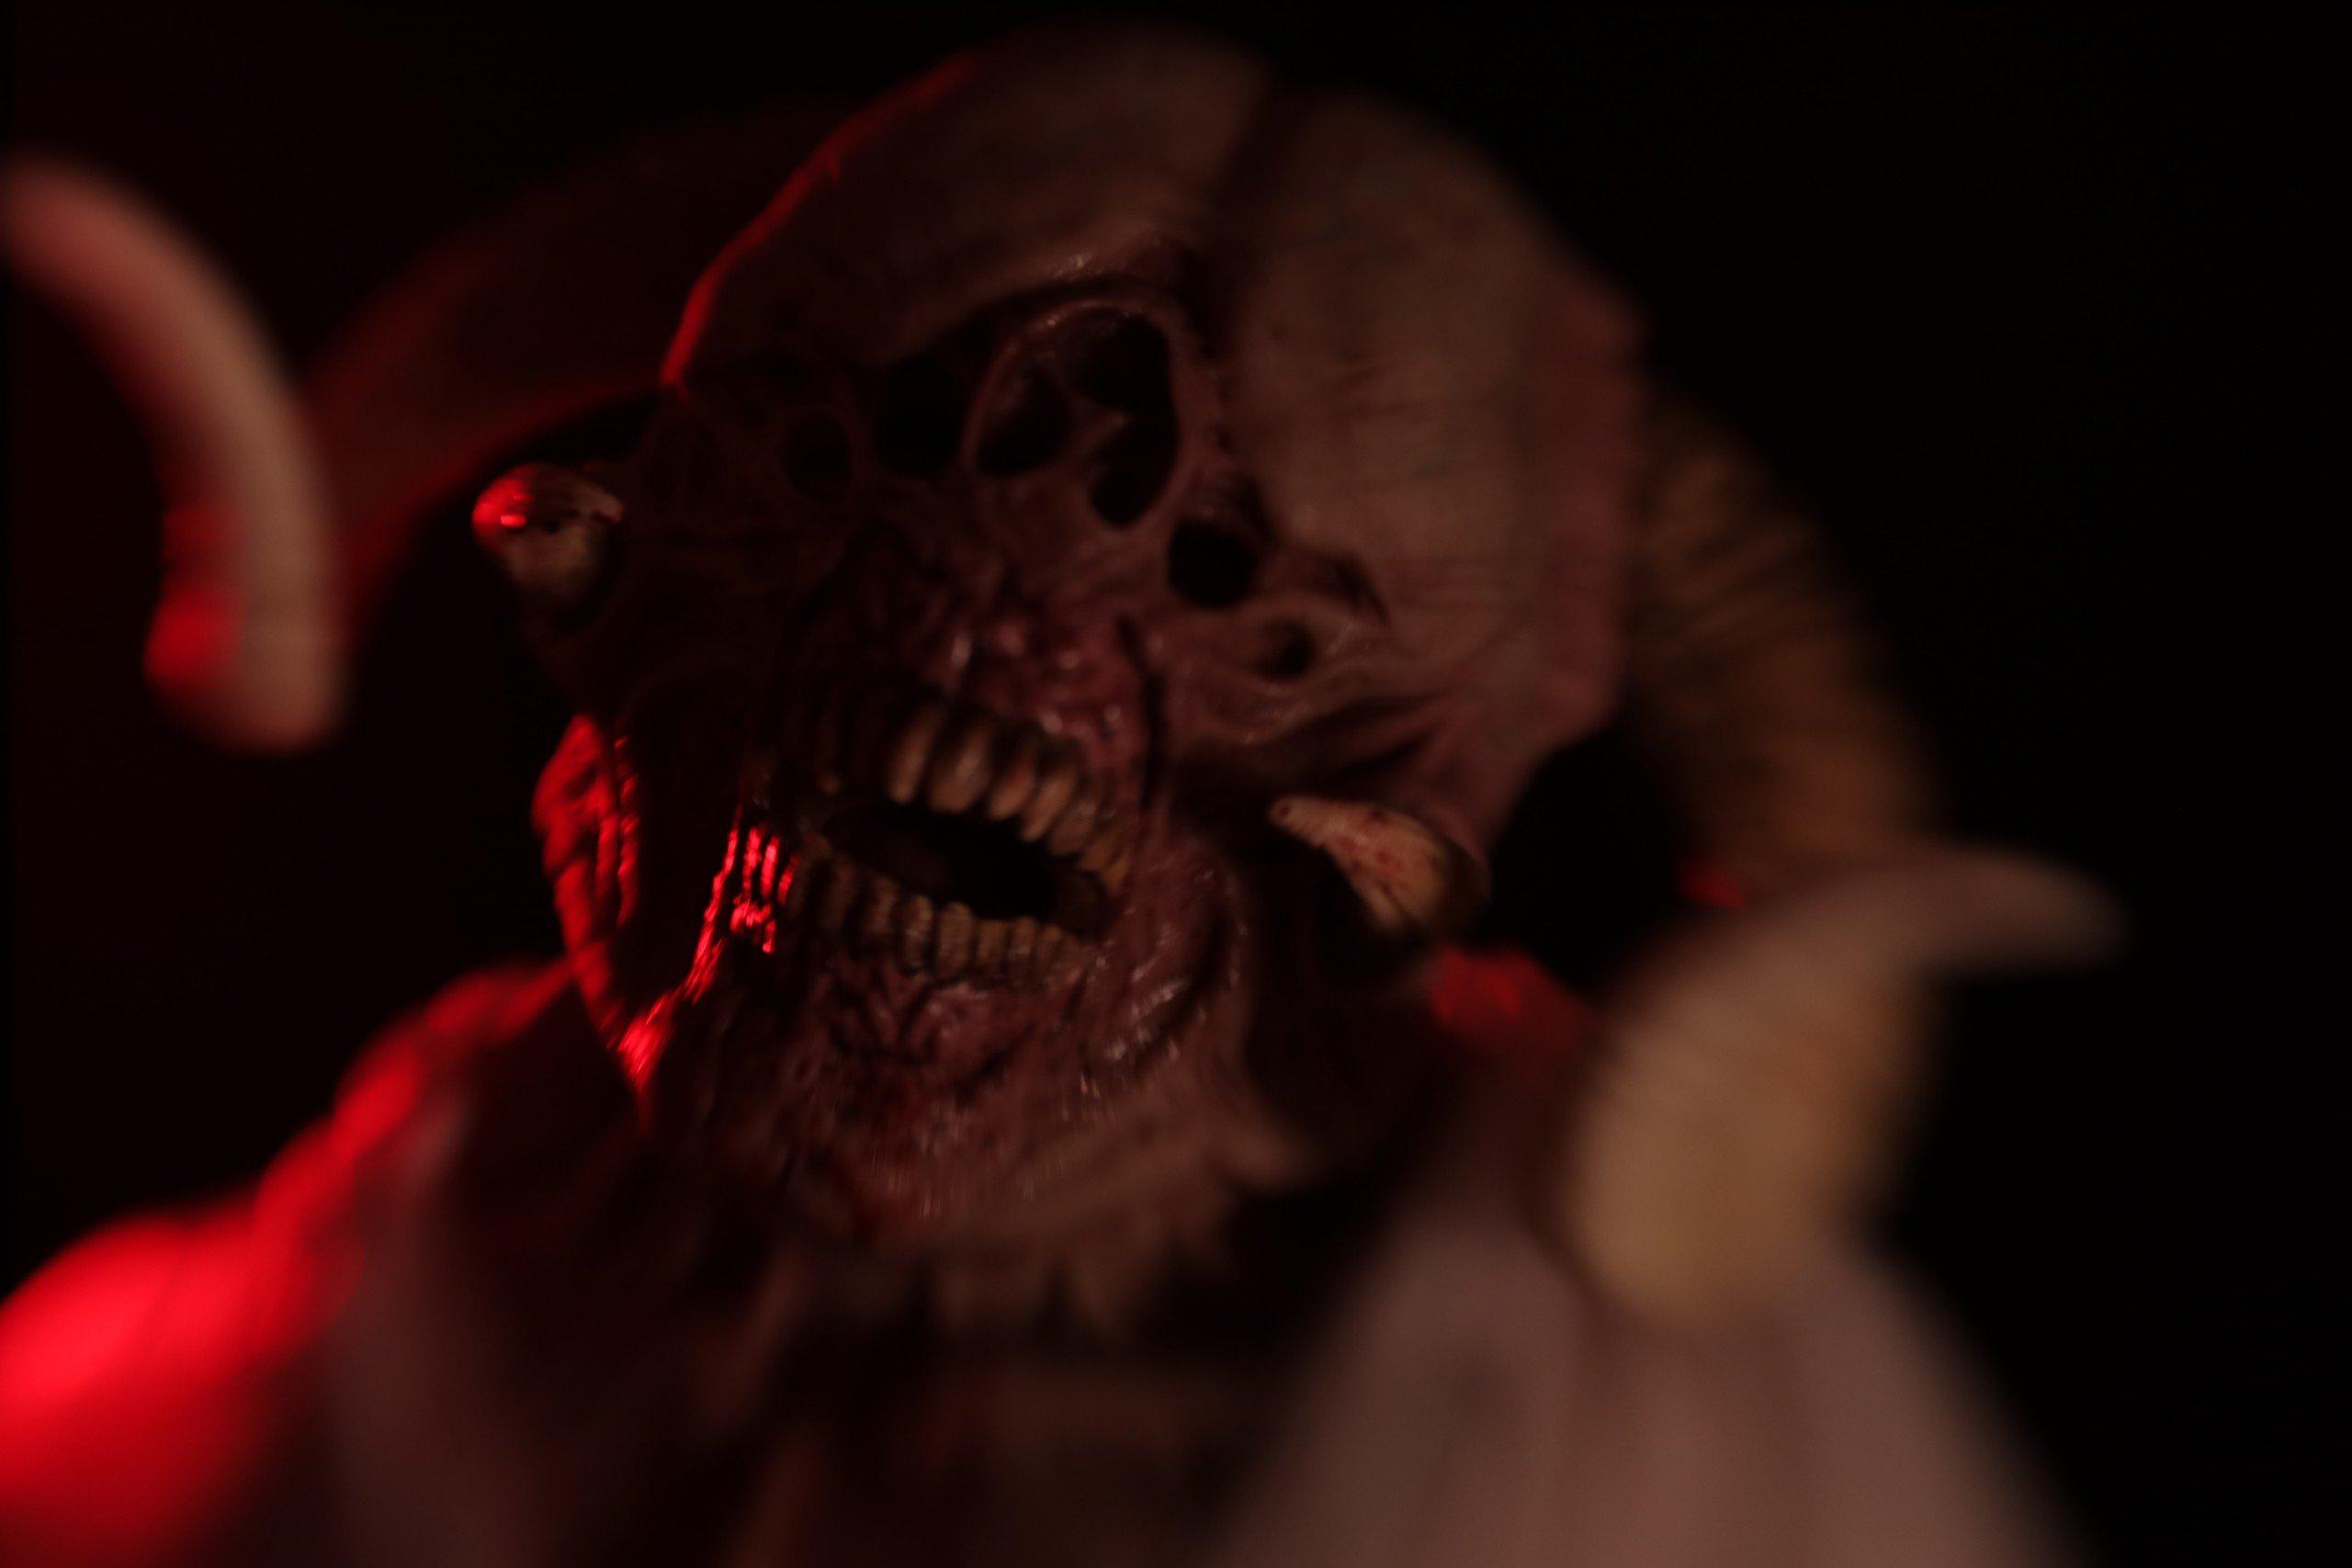 Berserker monster at prism haunt